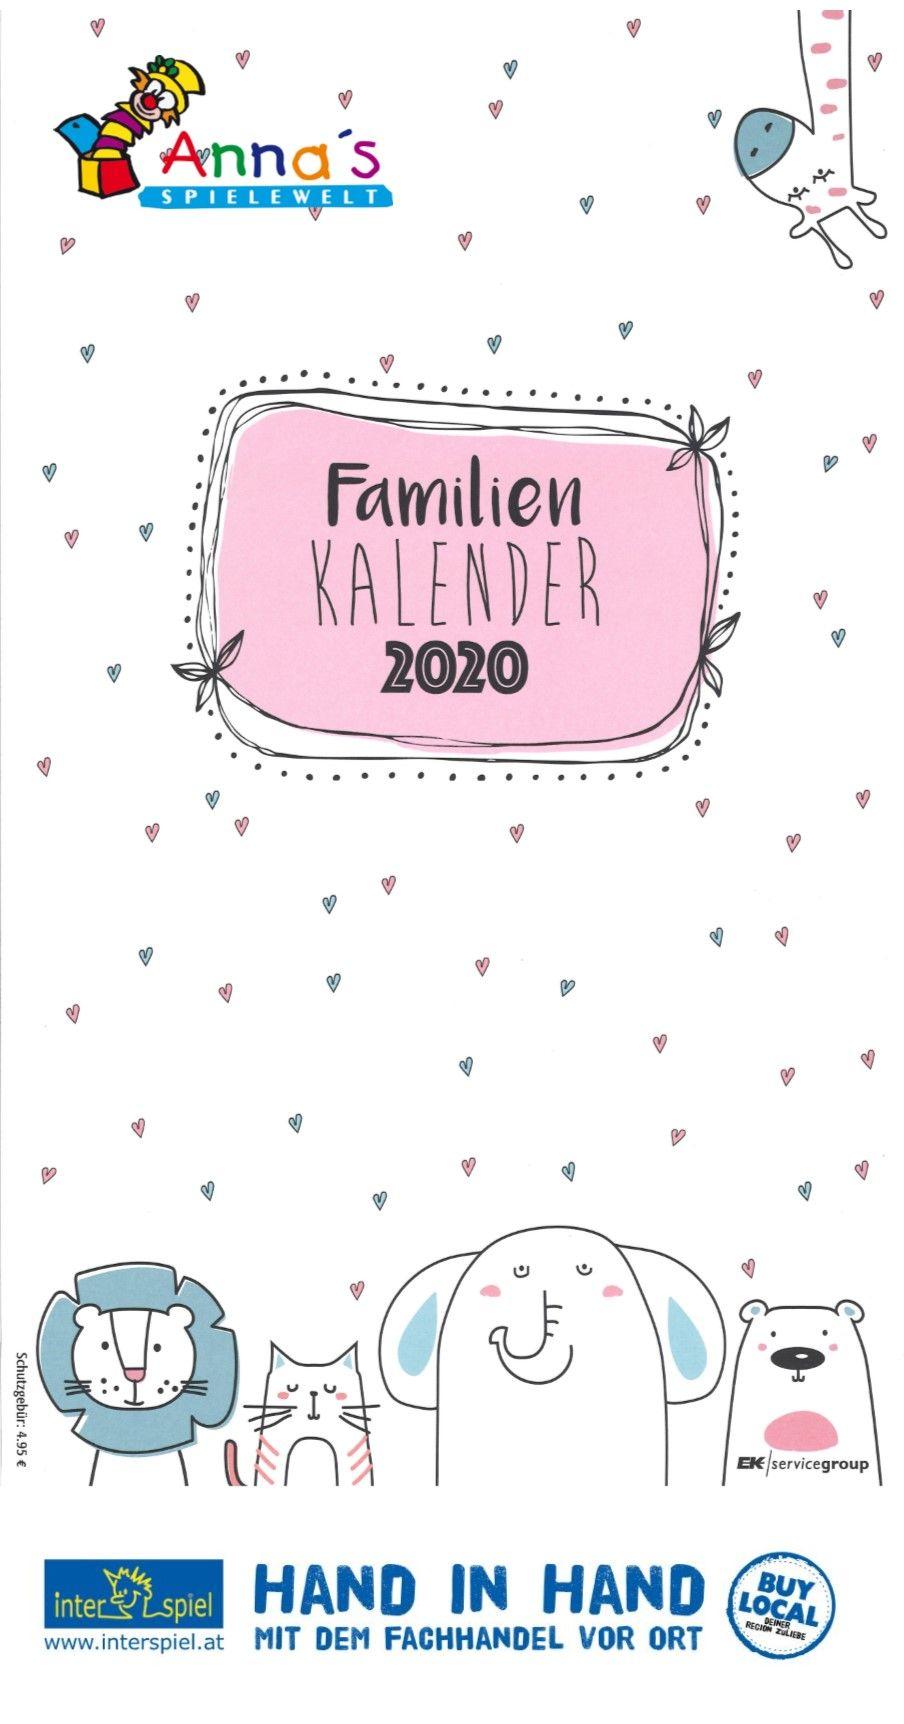 Familien Kalender 2020 Gratis